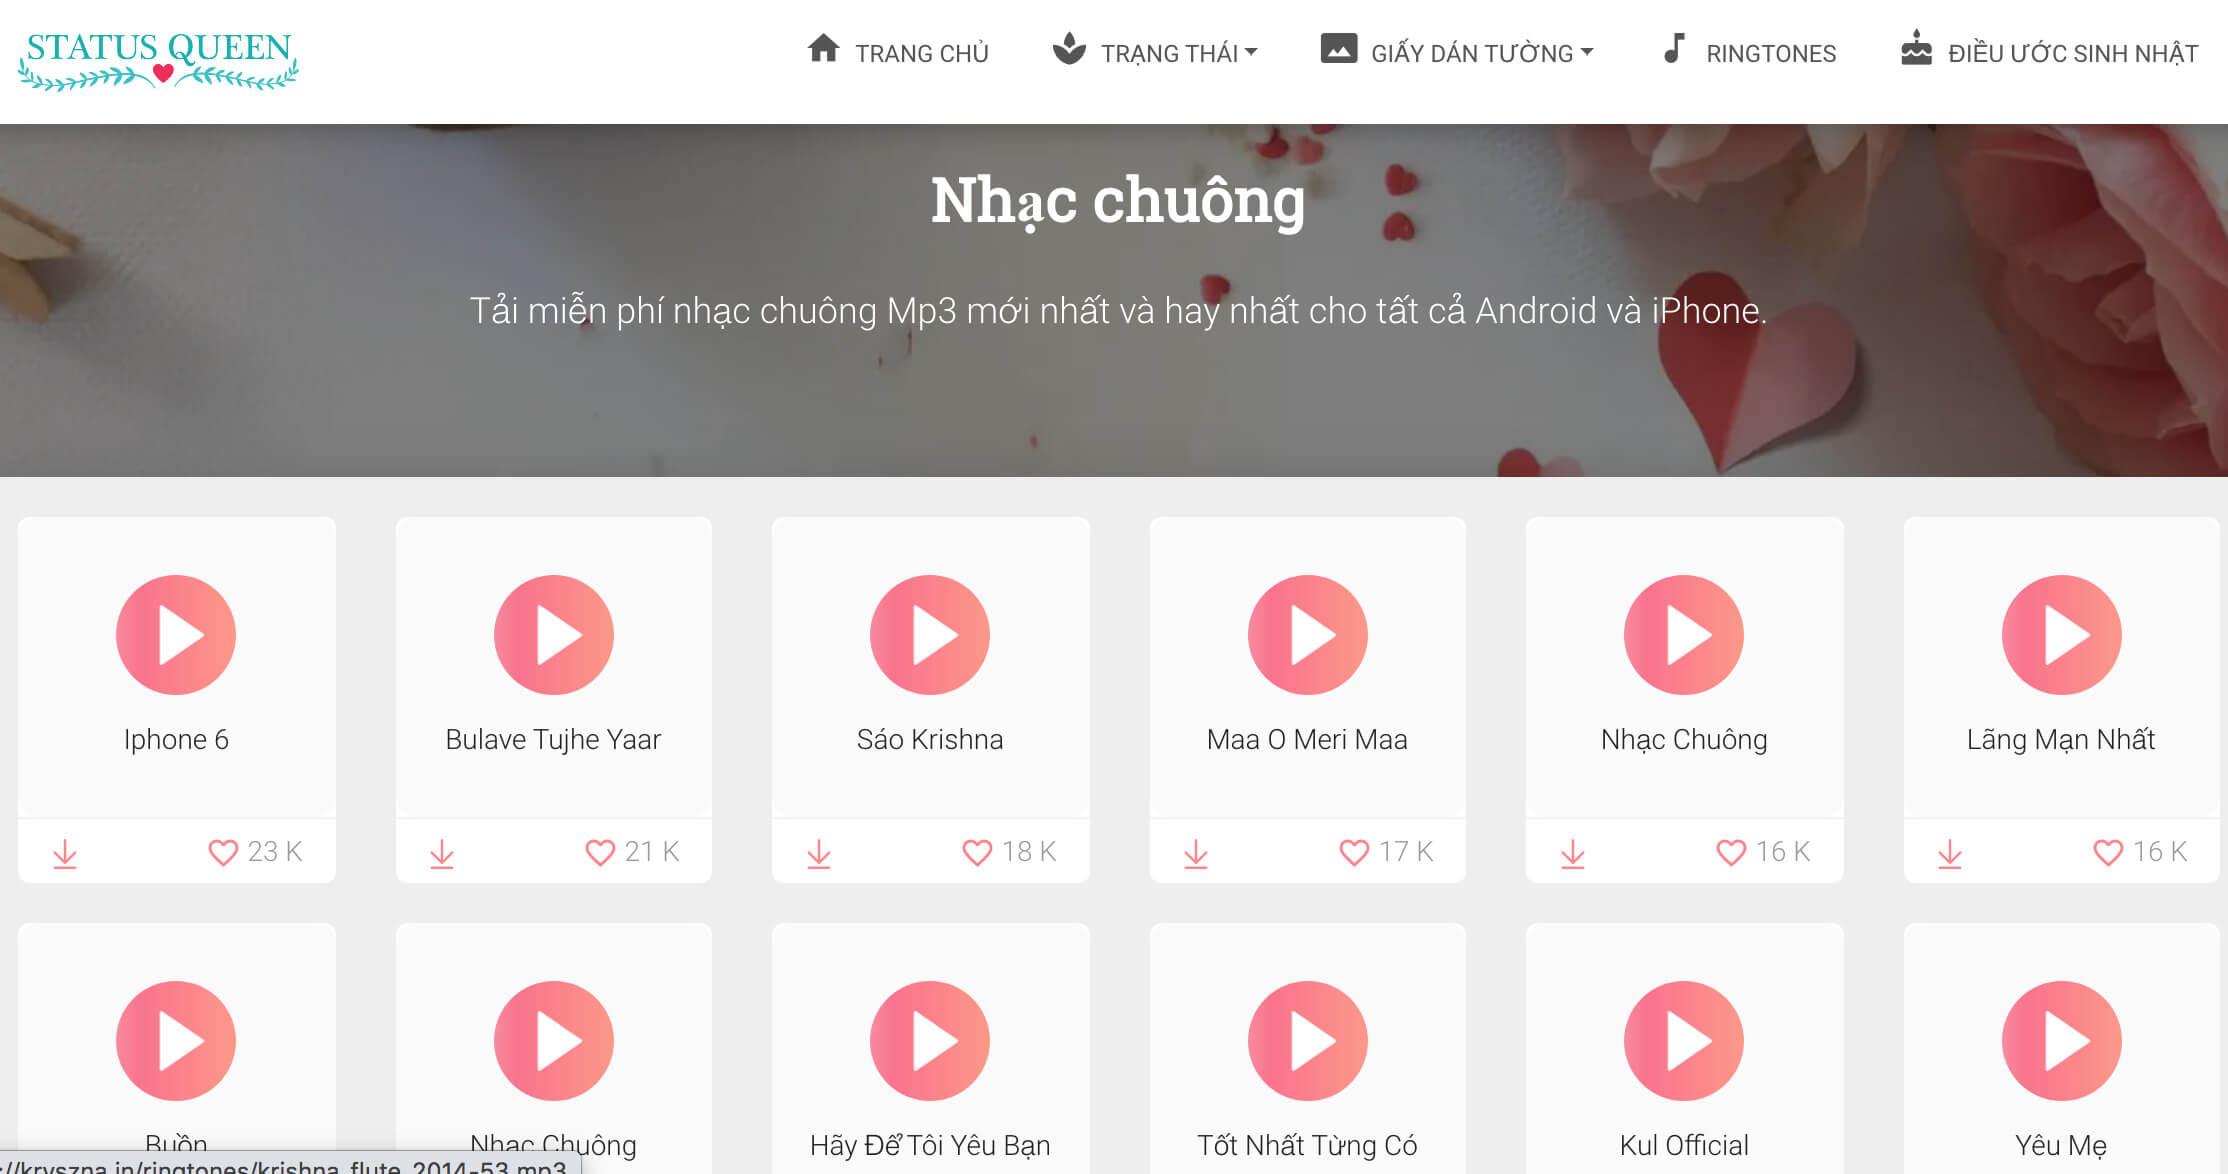 nhac chuong